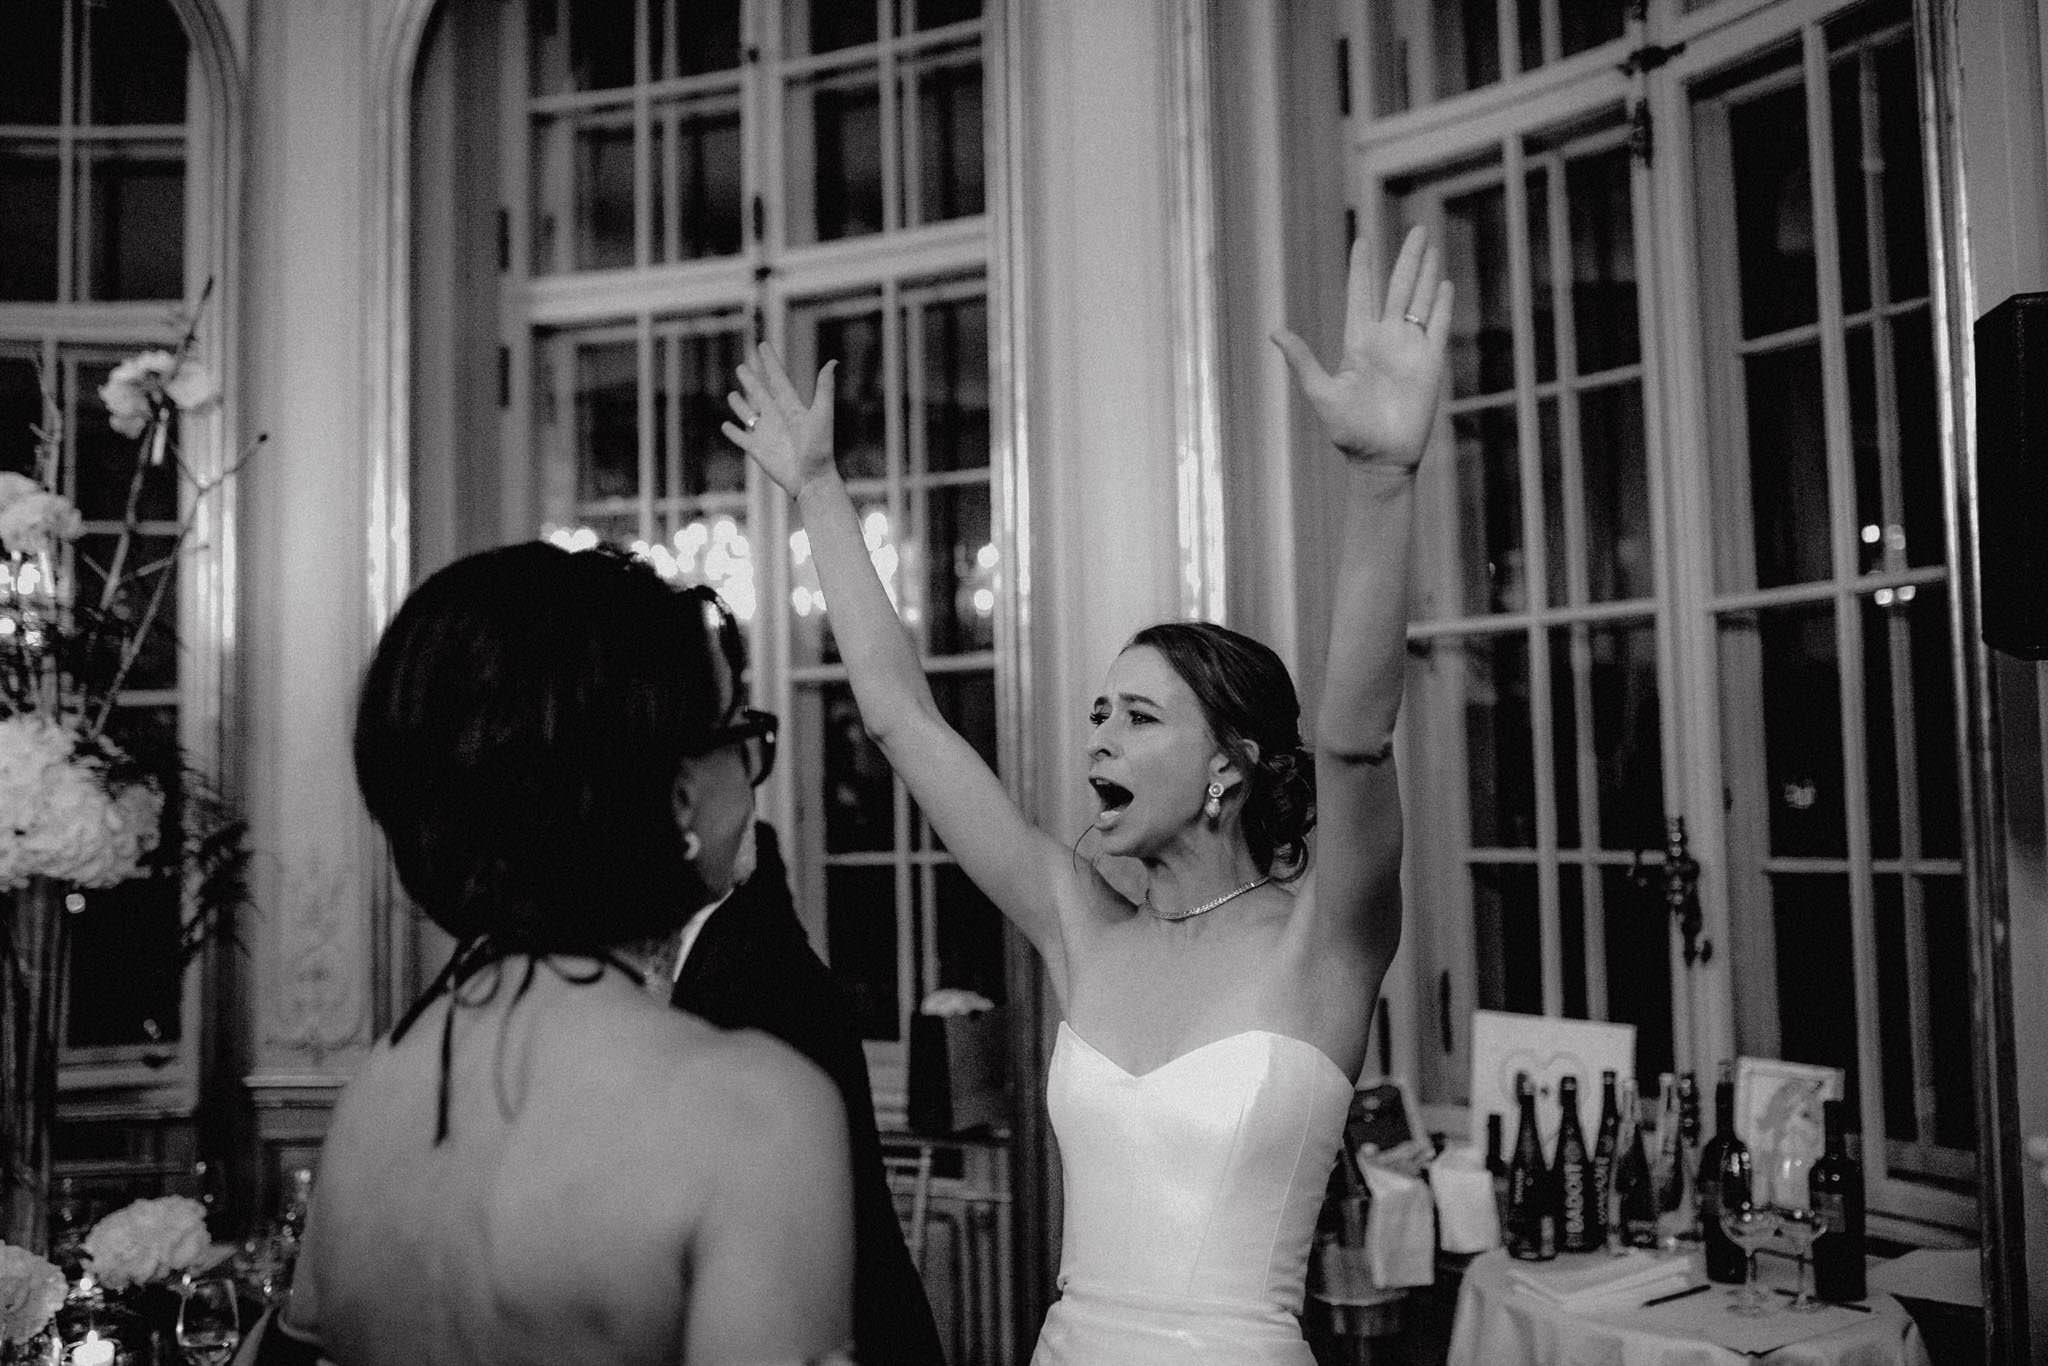 Hochzeit_Berlin_Patrick_Hellmann_Schlosshotel183